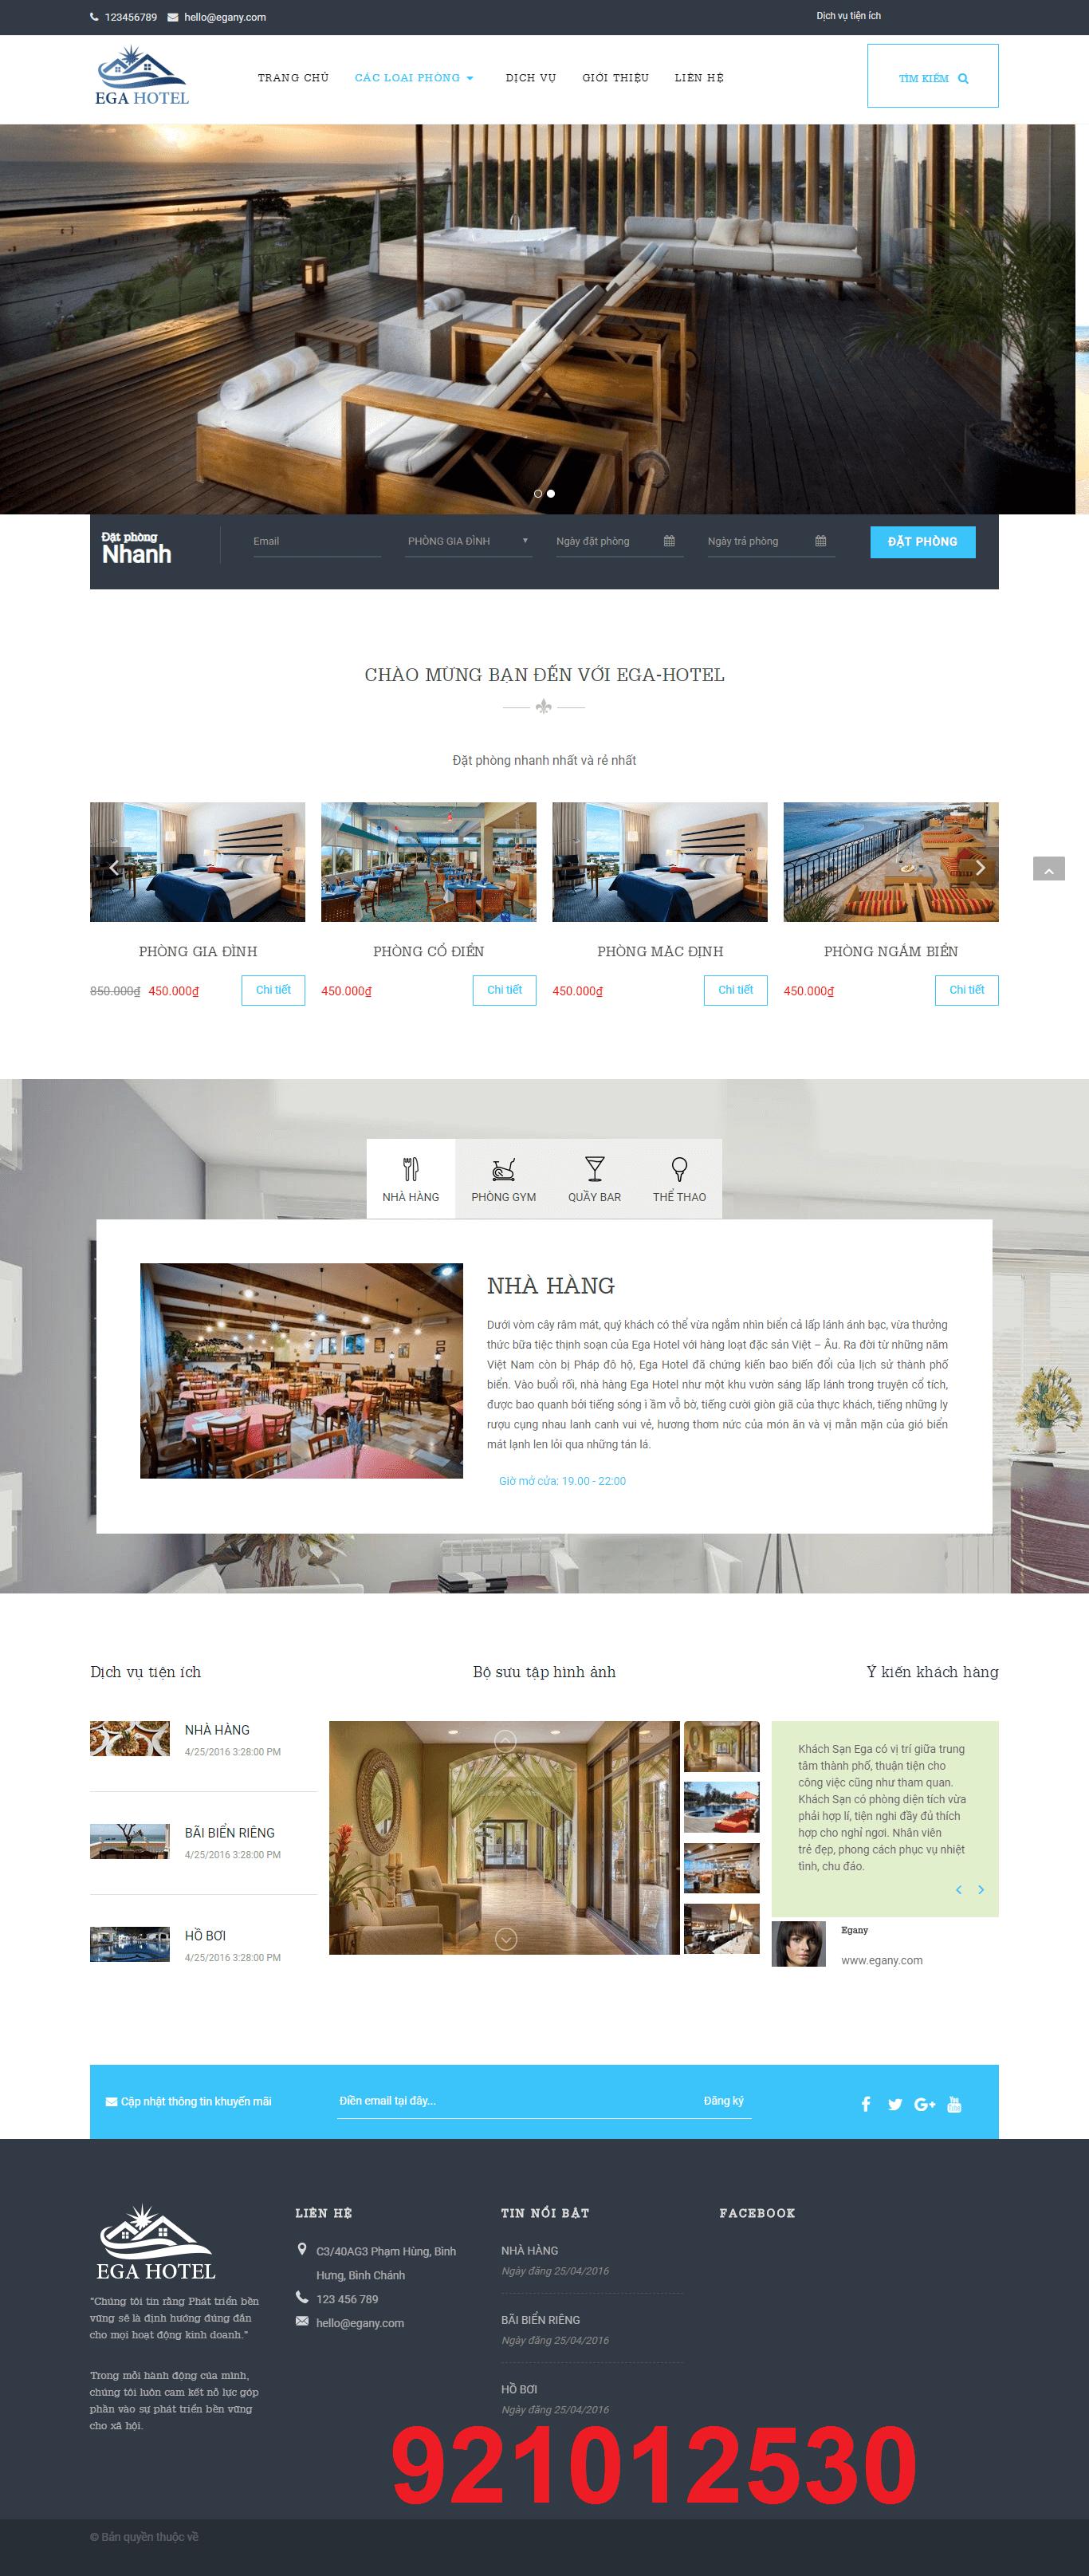 Mẫu web EGA HOTEL 921012530